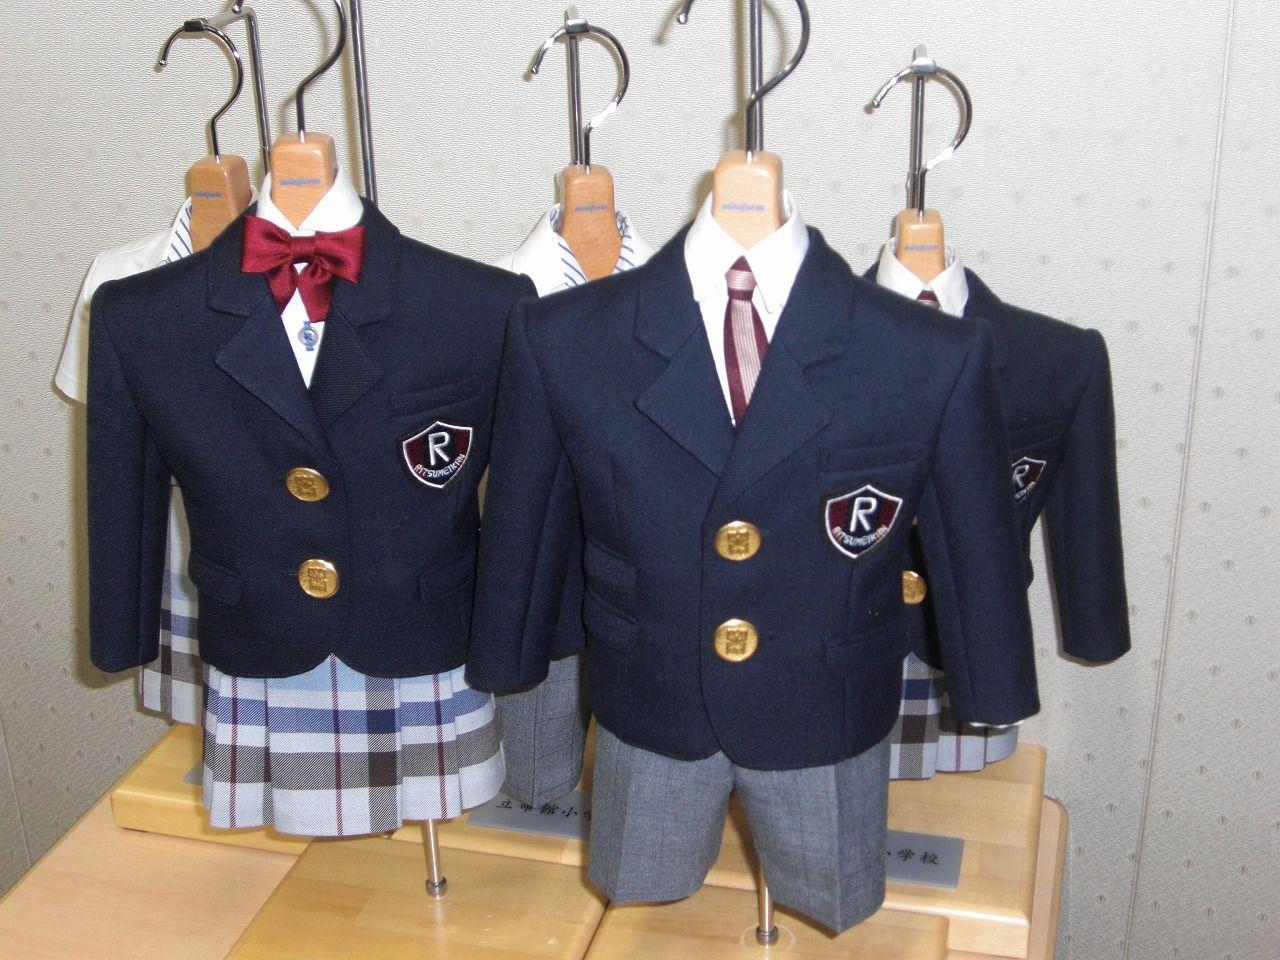 d5f3c45e7a2bb2 うちの子たちはこの制服がとても似合うと思うんです。